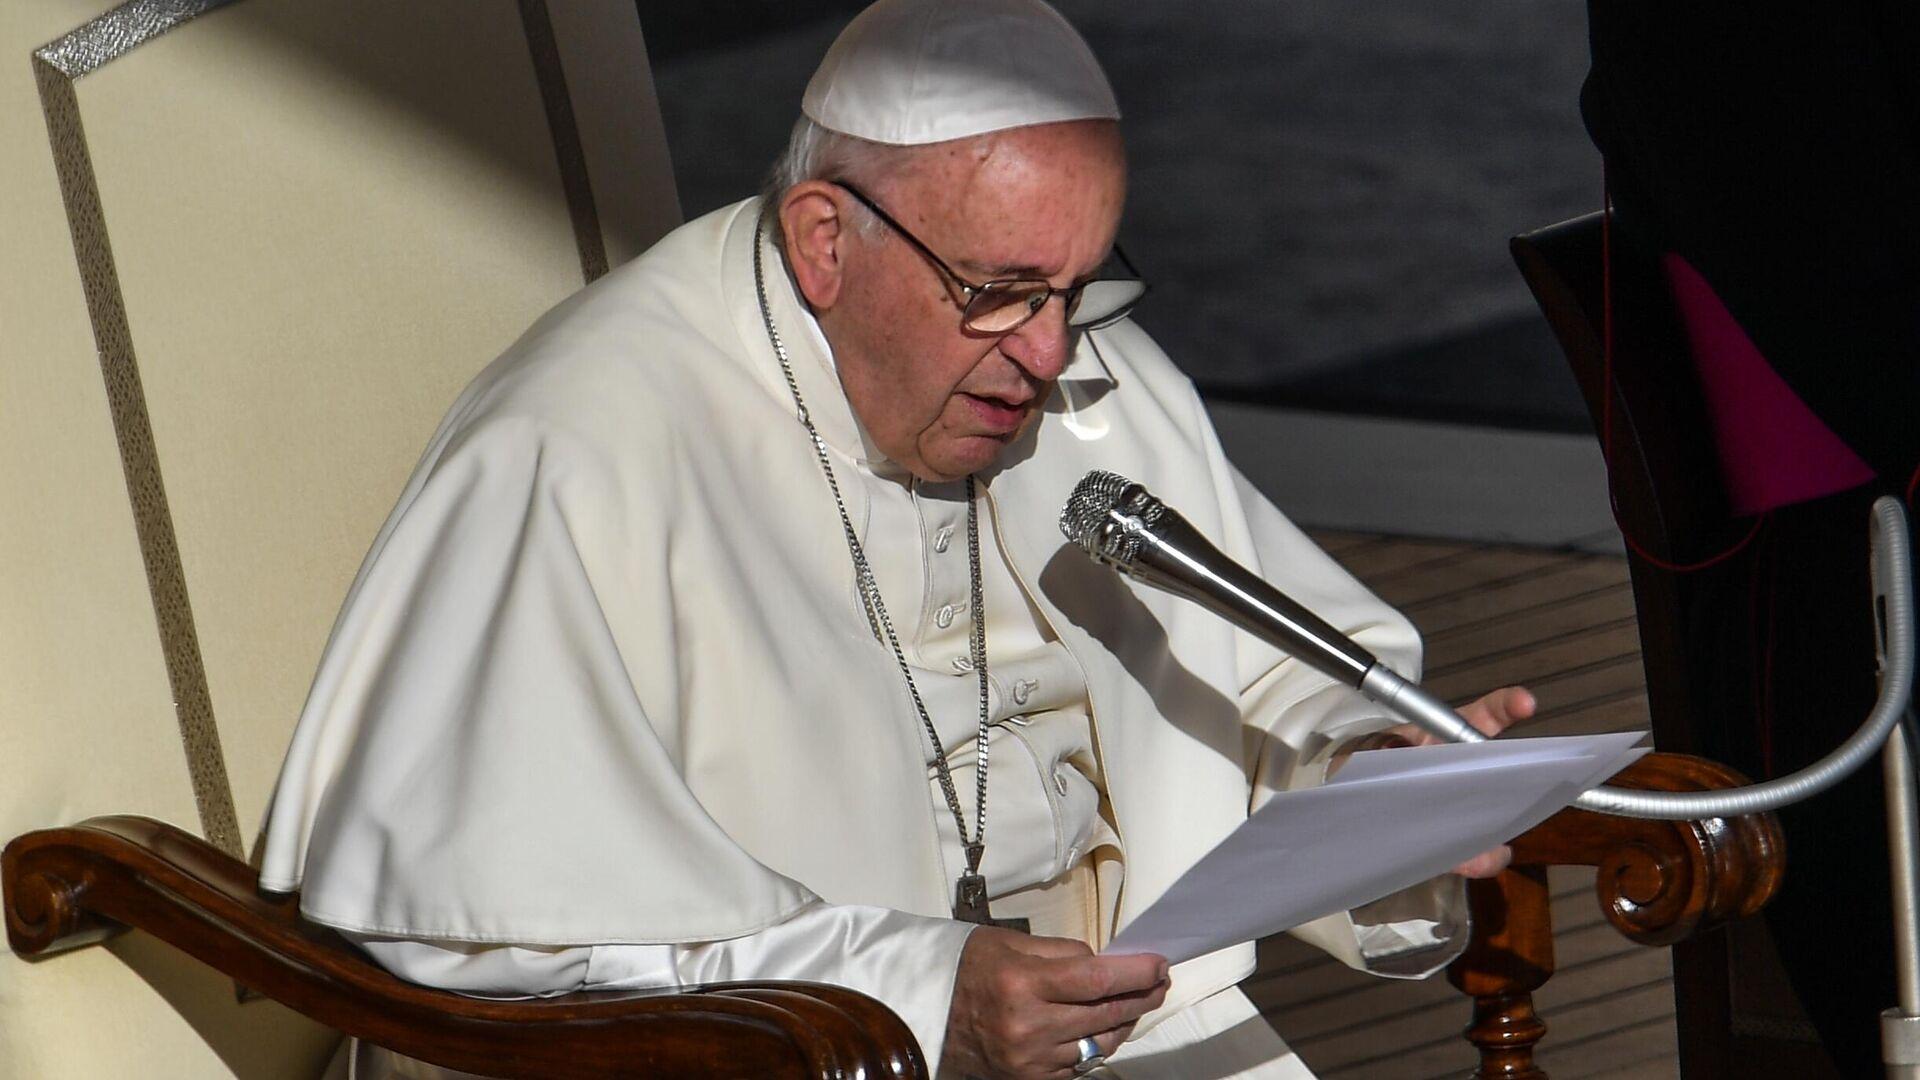 Papst Franziskus (Archivfoto) - SNA, 1920, 04.07.2021